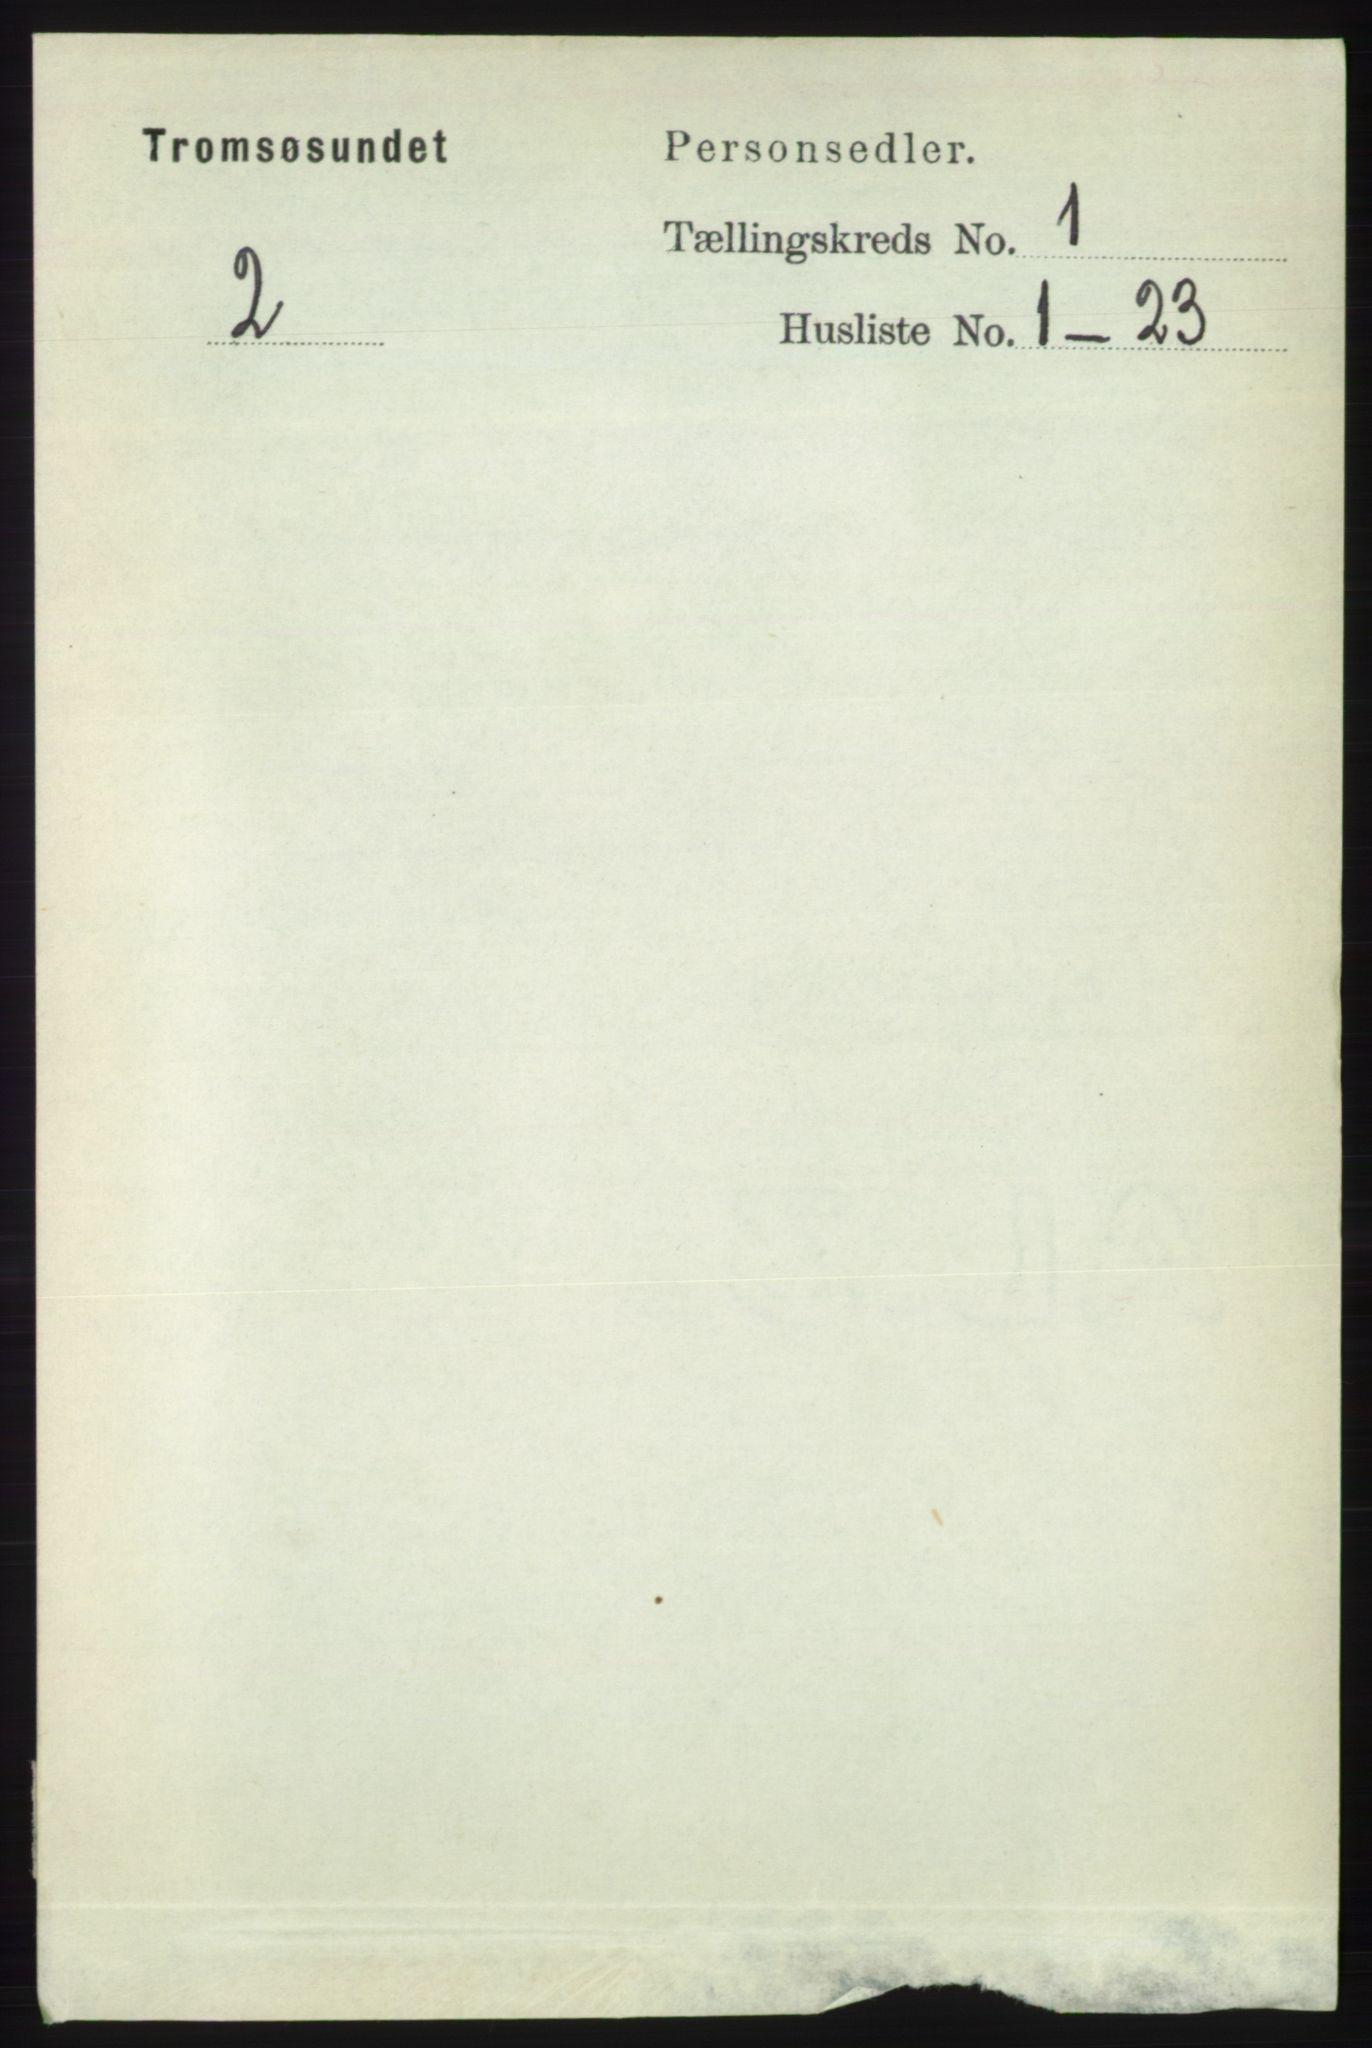 RA, Folketelling 1891 for 1934 Tromsøysund herred, 1891, s. 81